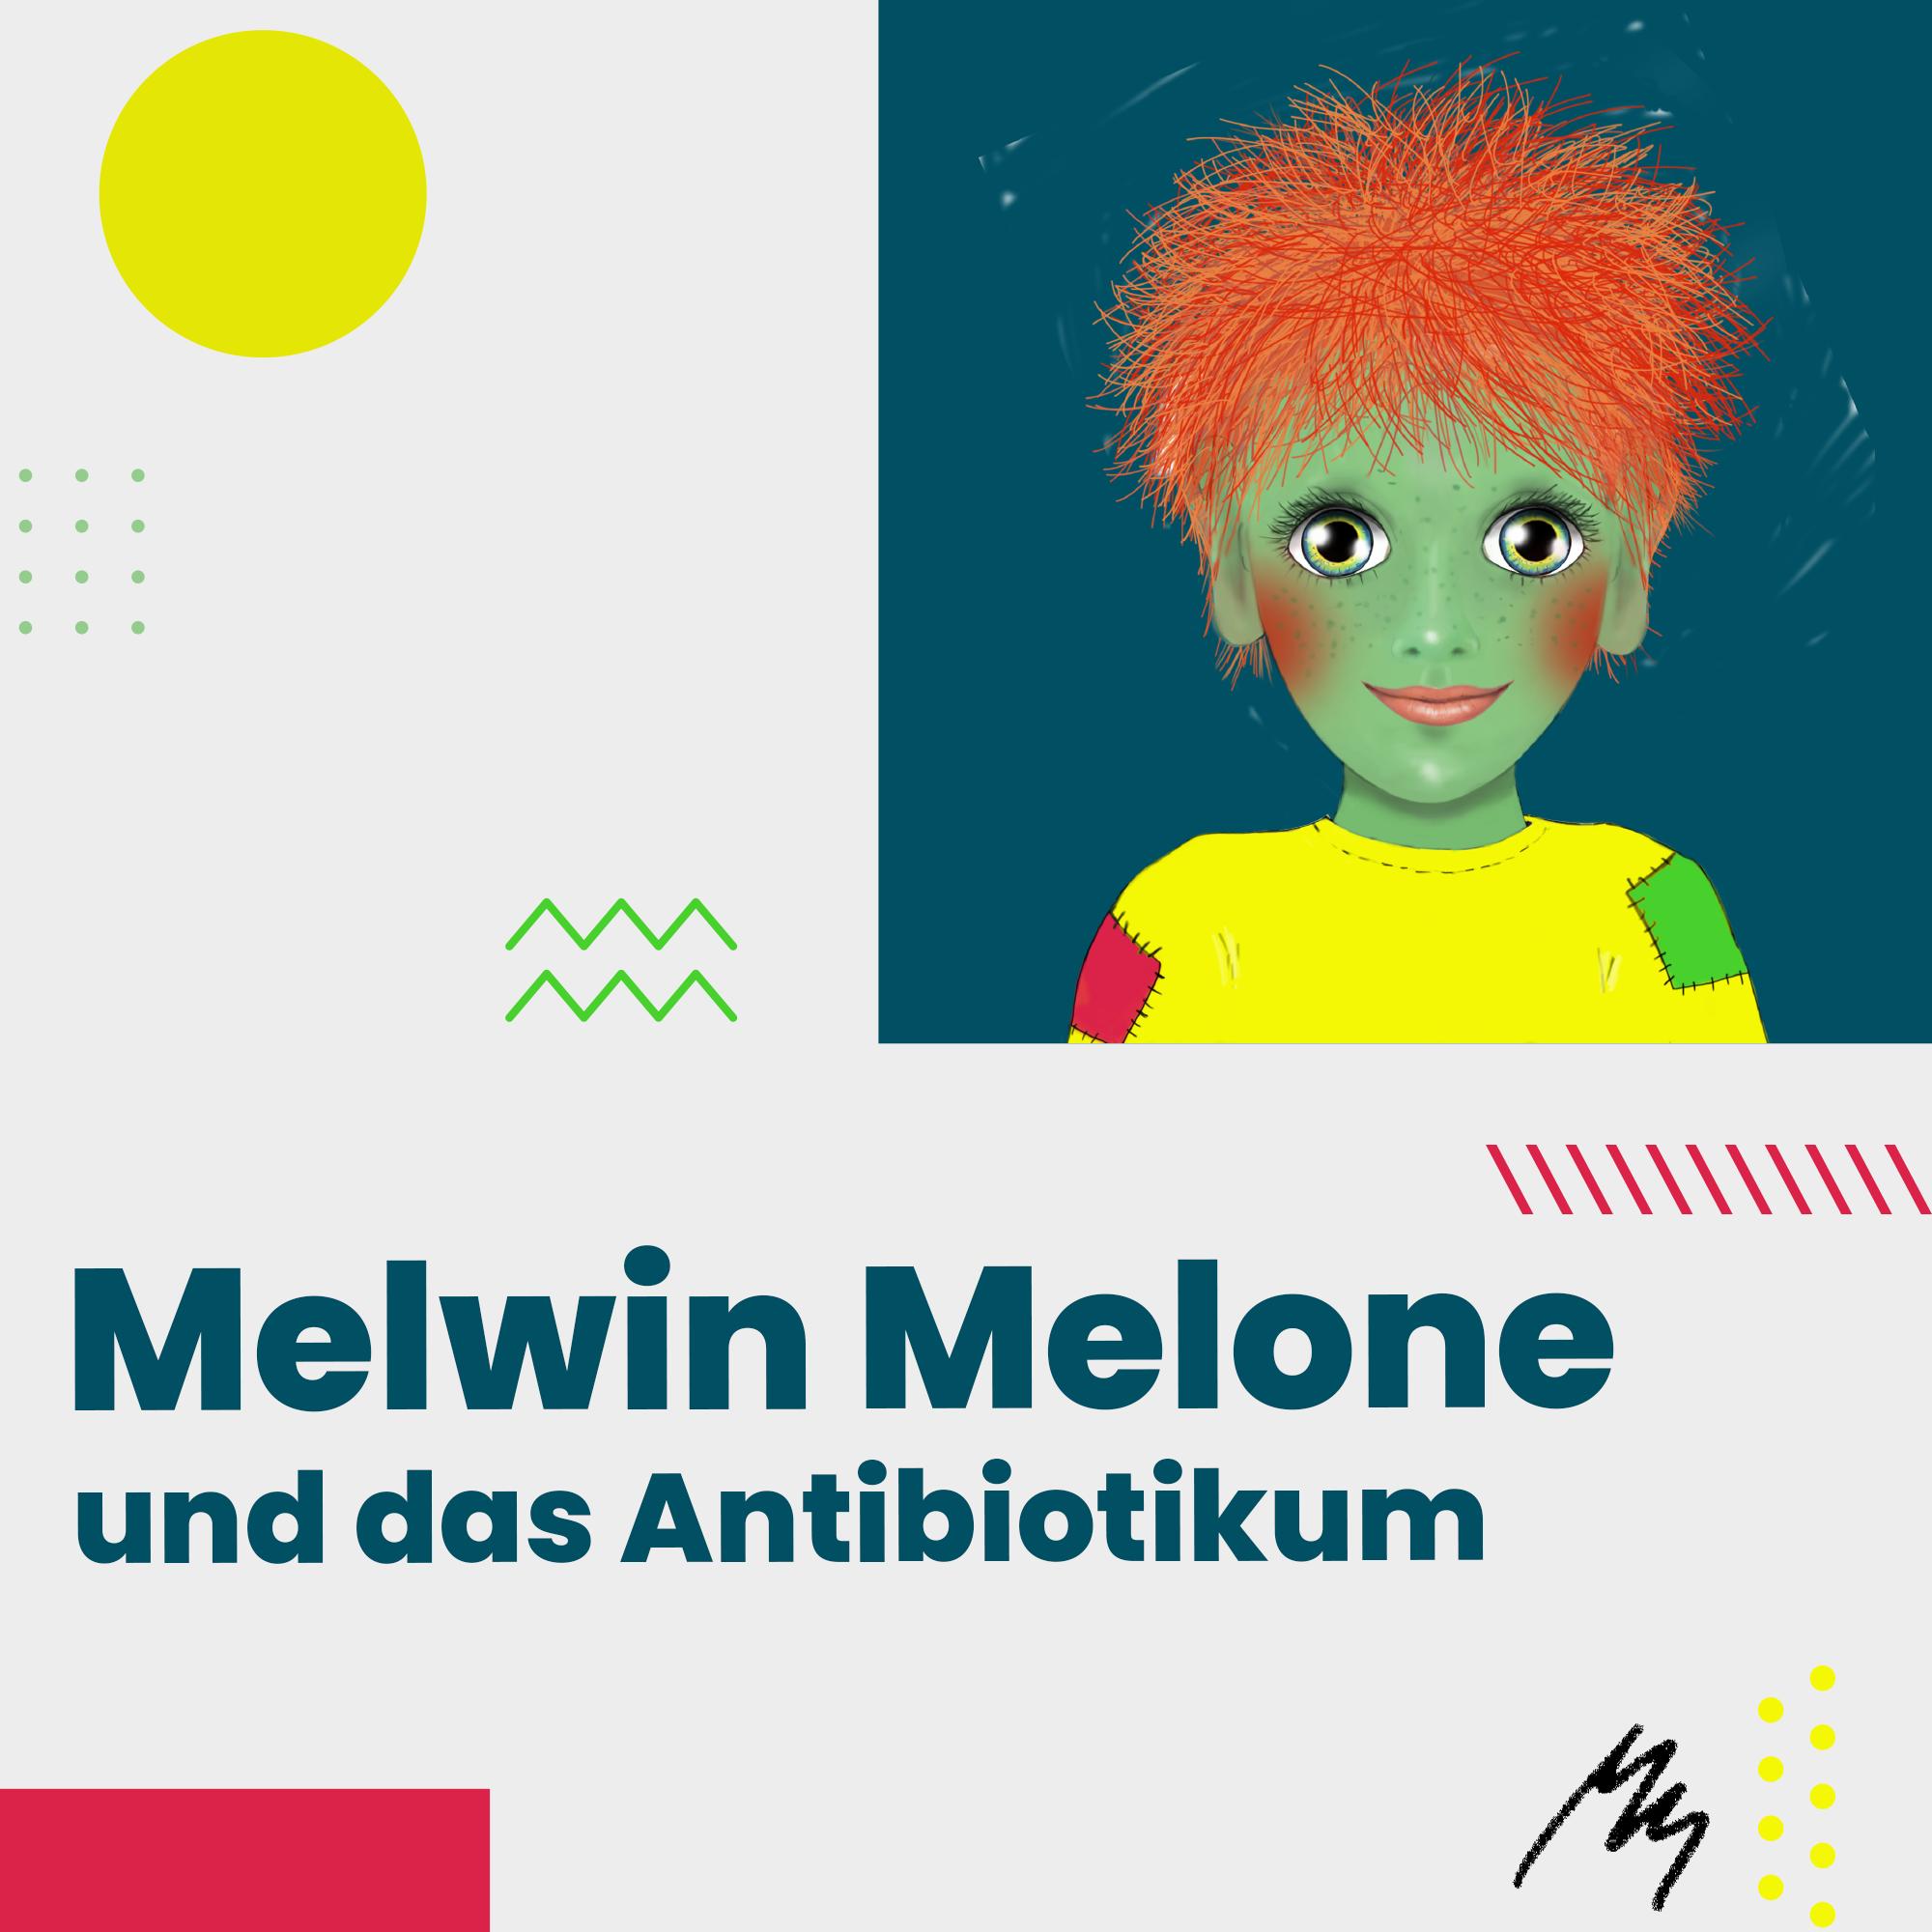 Melwin Melone und das Antiboitikum